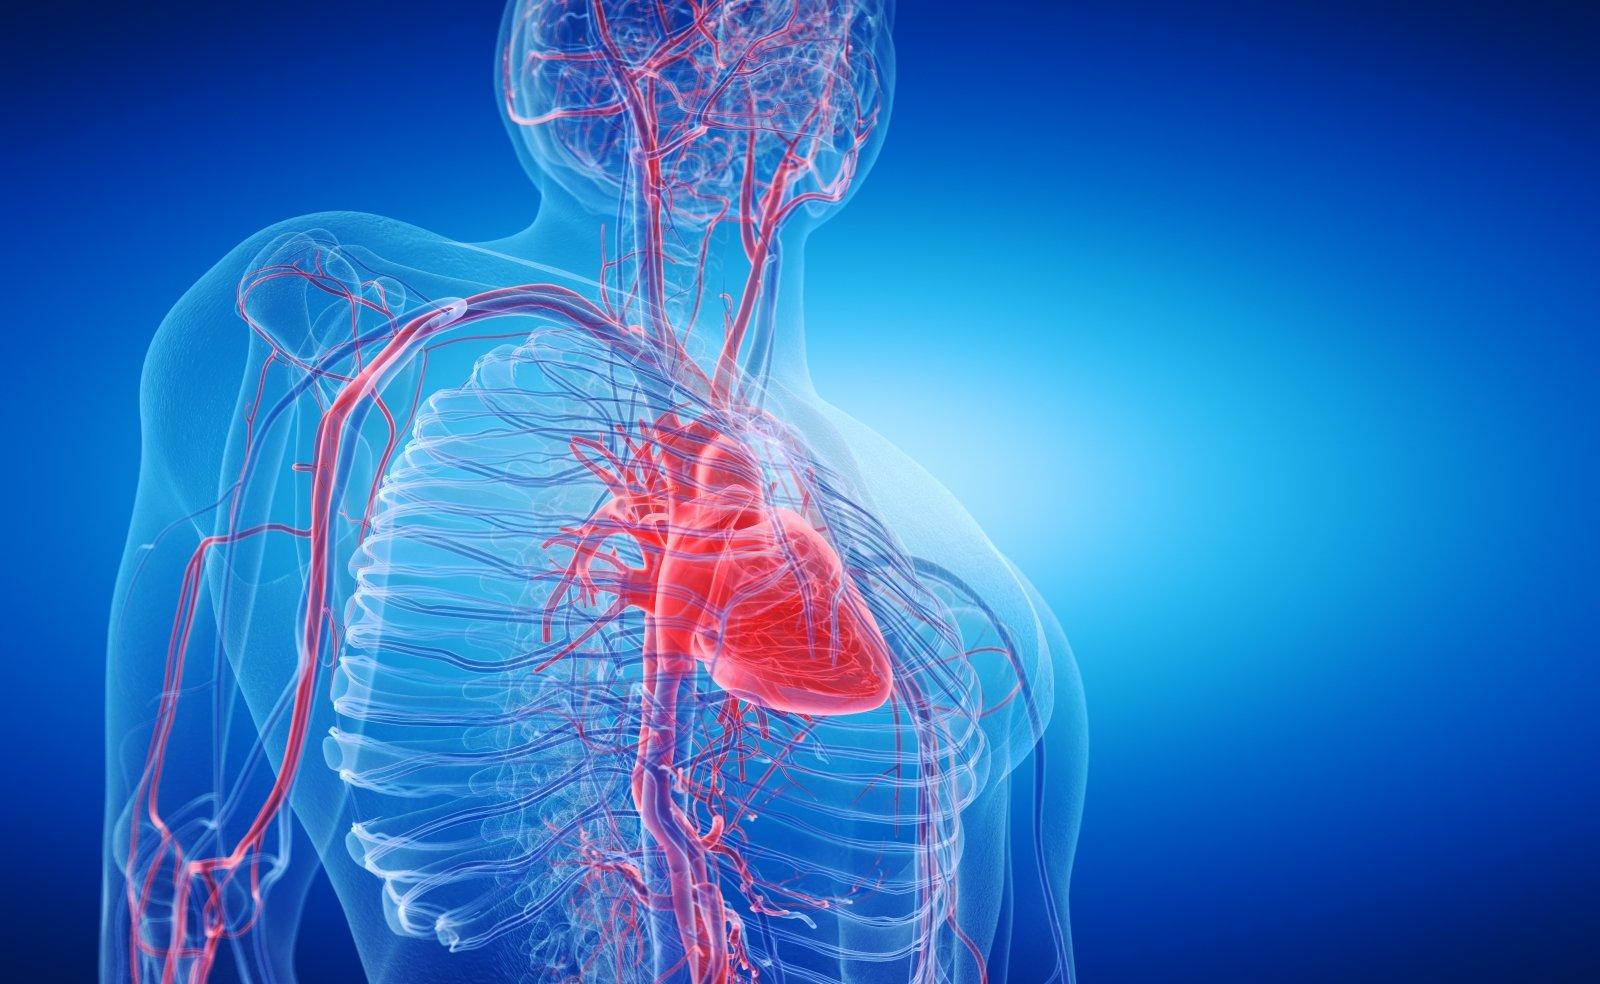 jei hipertenzija, bet kraujospūdis sumažėjo, ką daryti ar galima gerti vandenį su hipertenzija